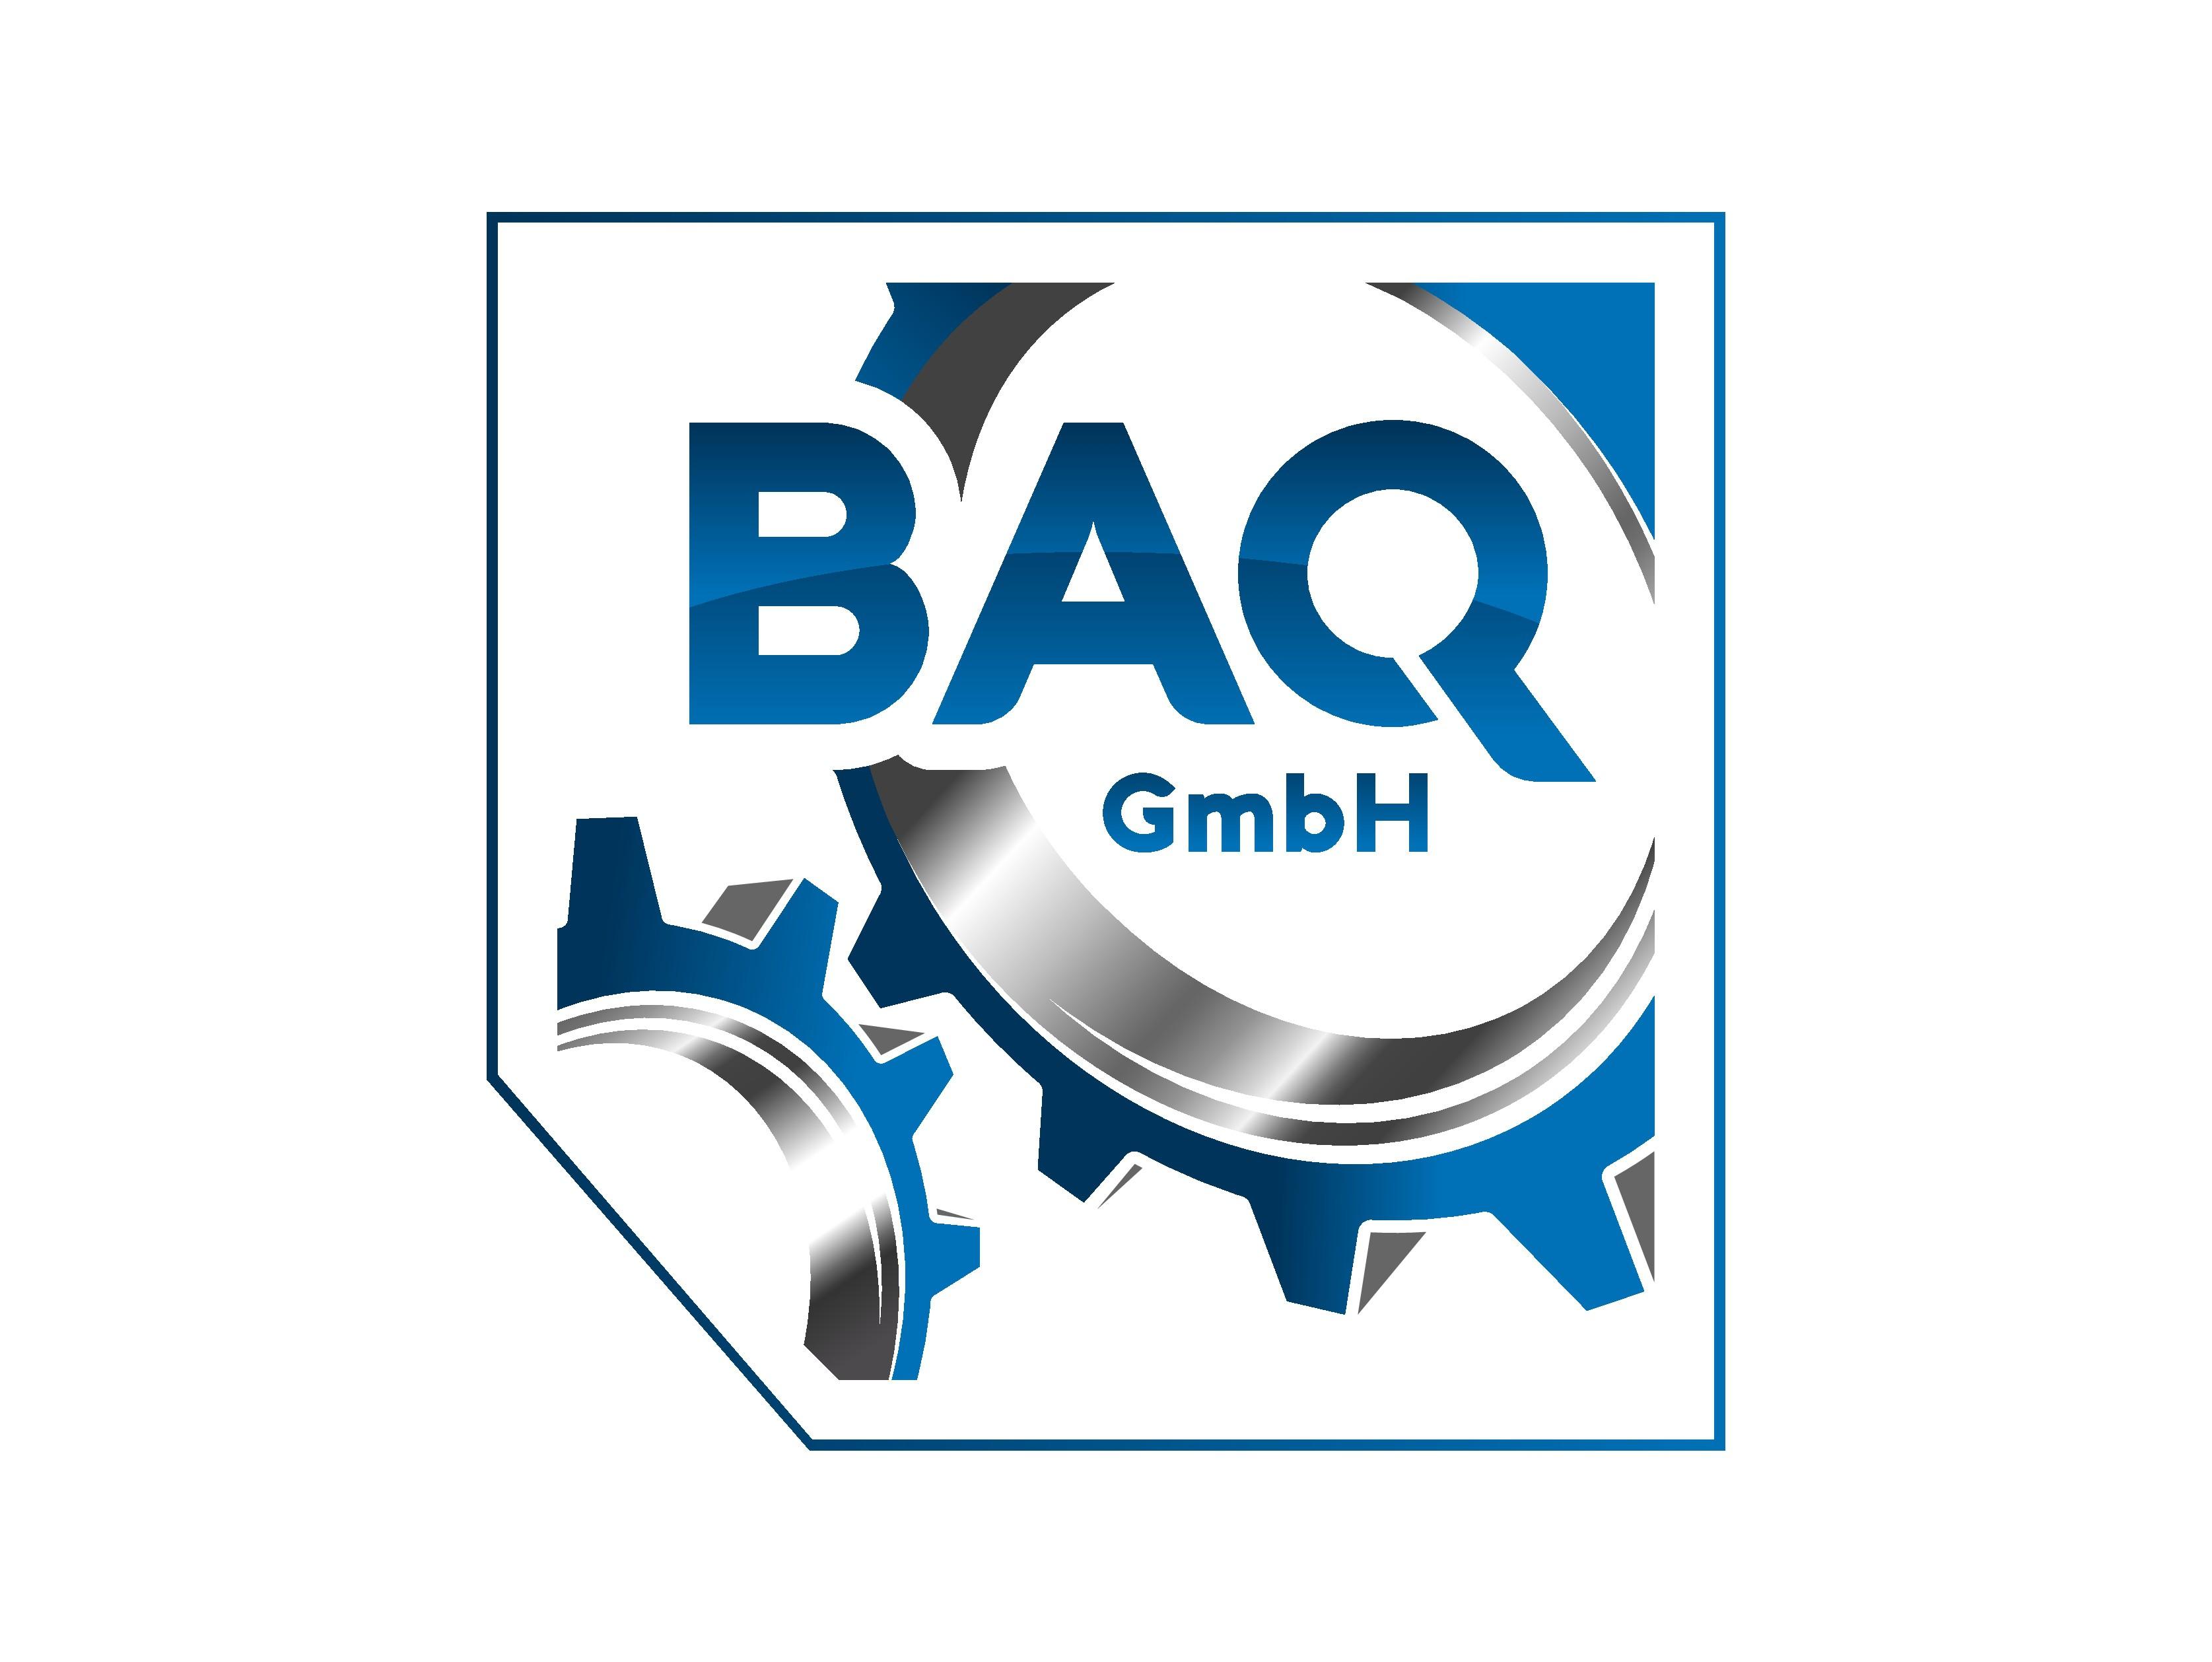 Ein modernes Zahnrad-Design für die BAQ GmbH